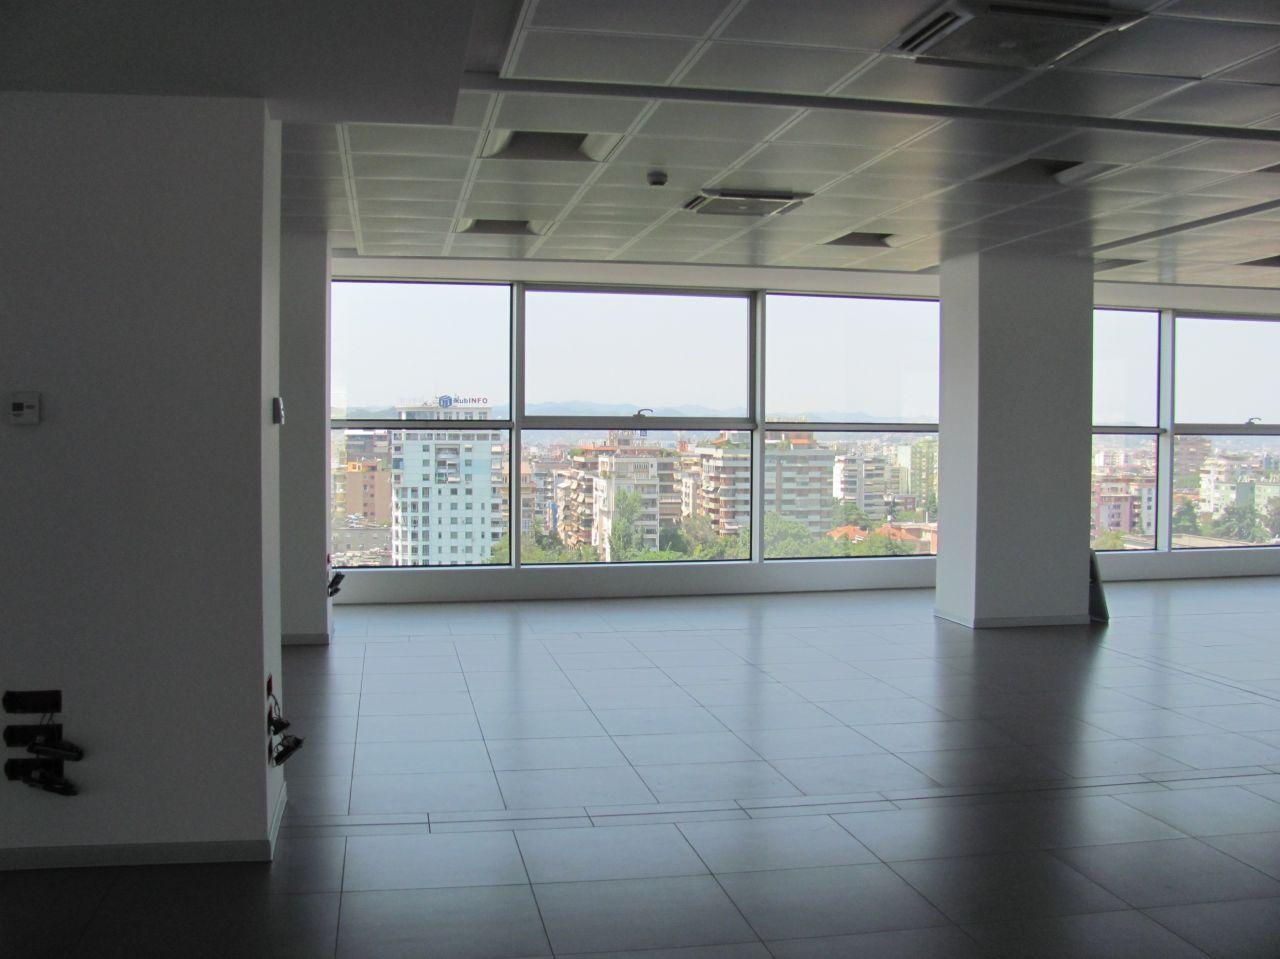 Ufficio in Affitto  una zona prestigiosa di  Tirana.